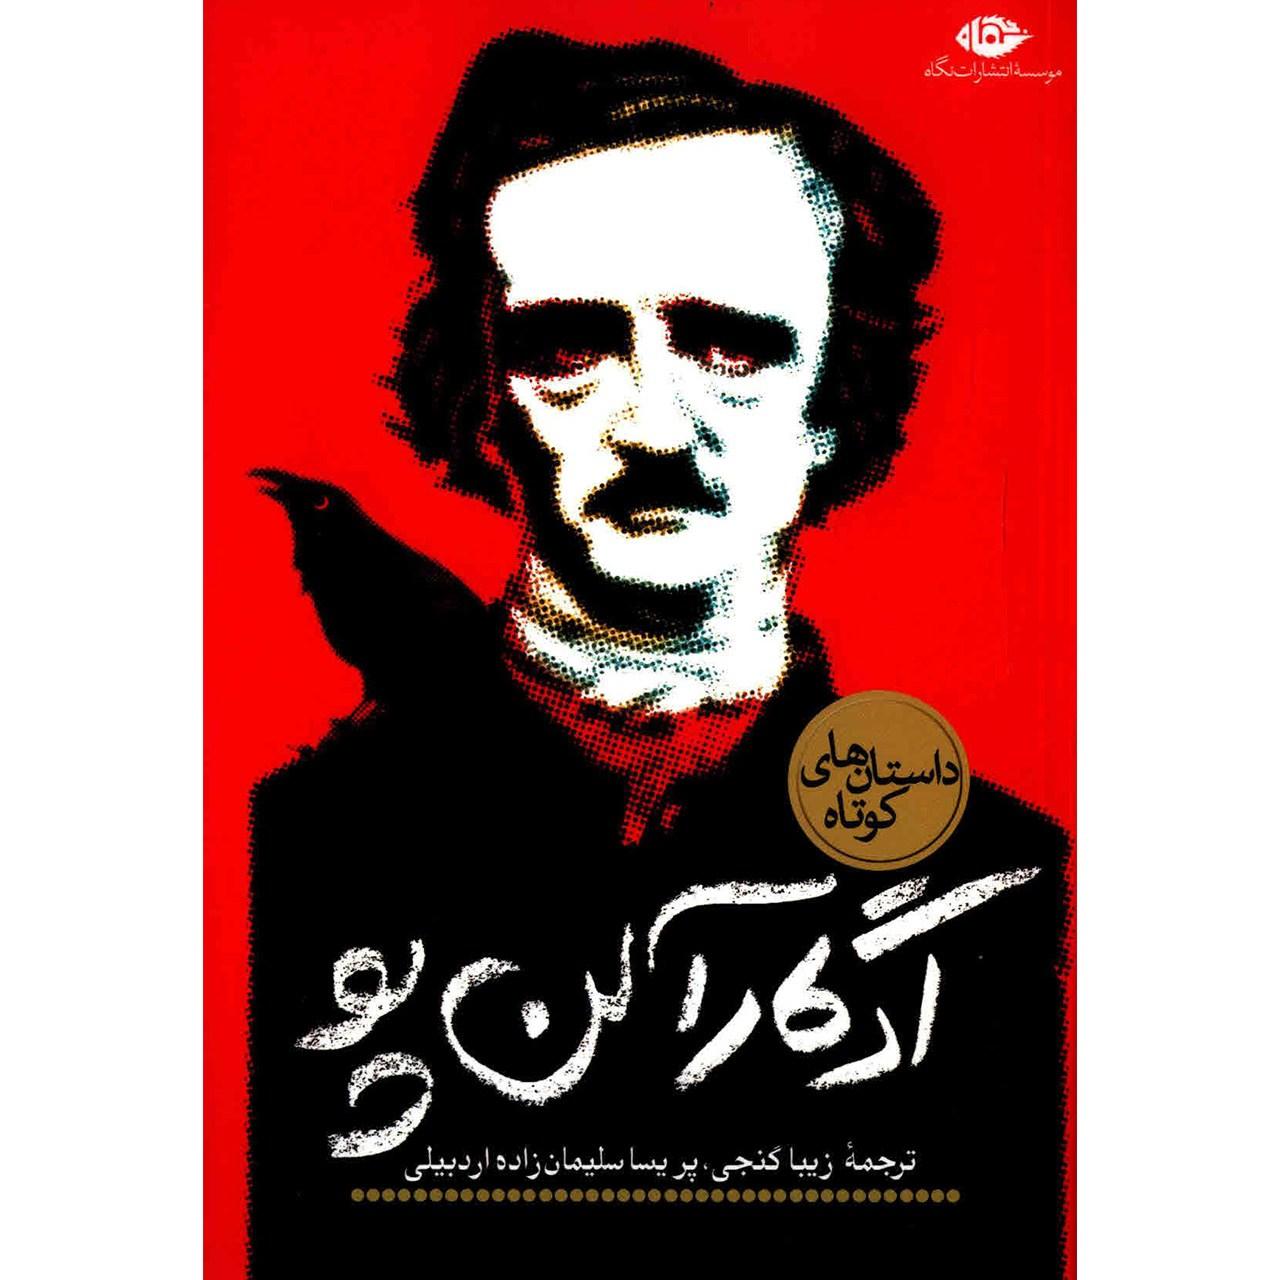 کتاب داستان های کوتاه ادگار آلن پو اثر ادگار آلن پو